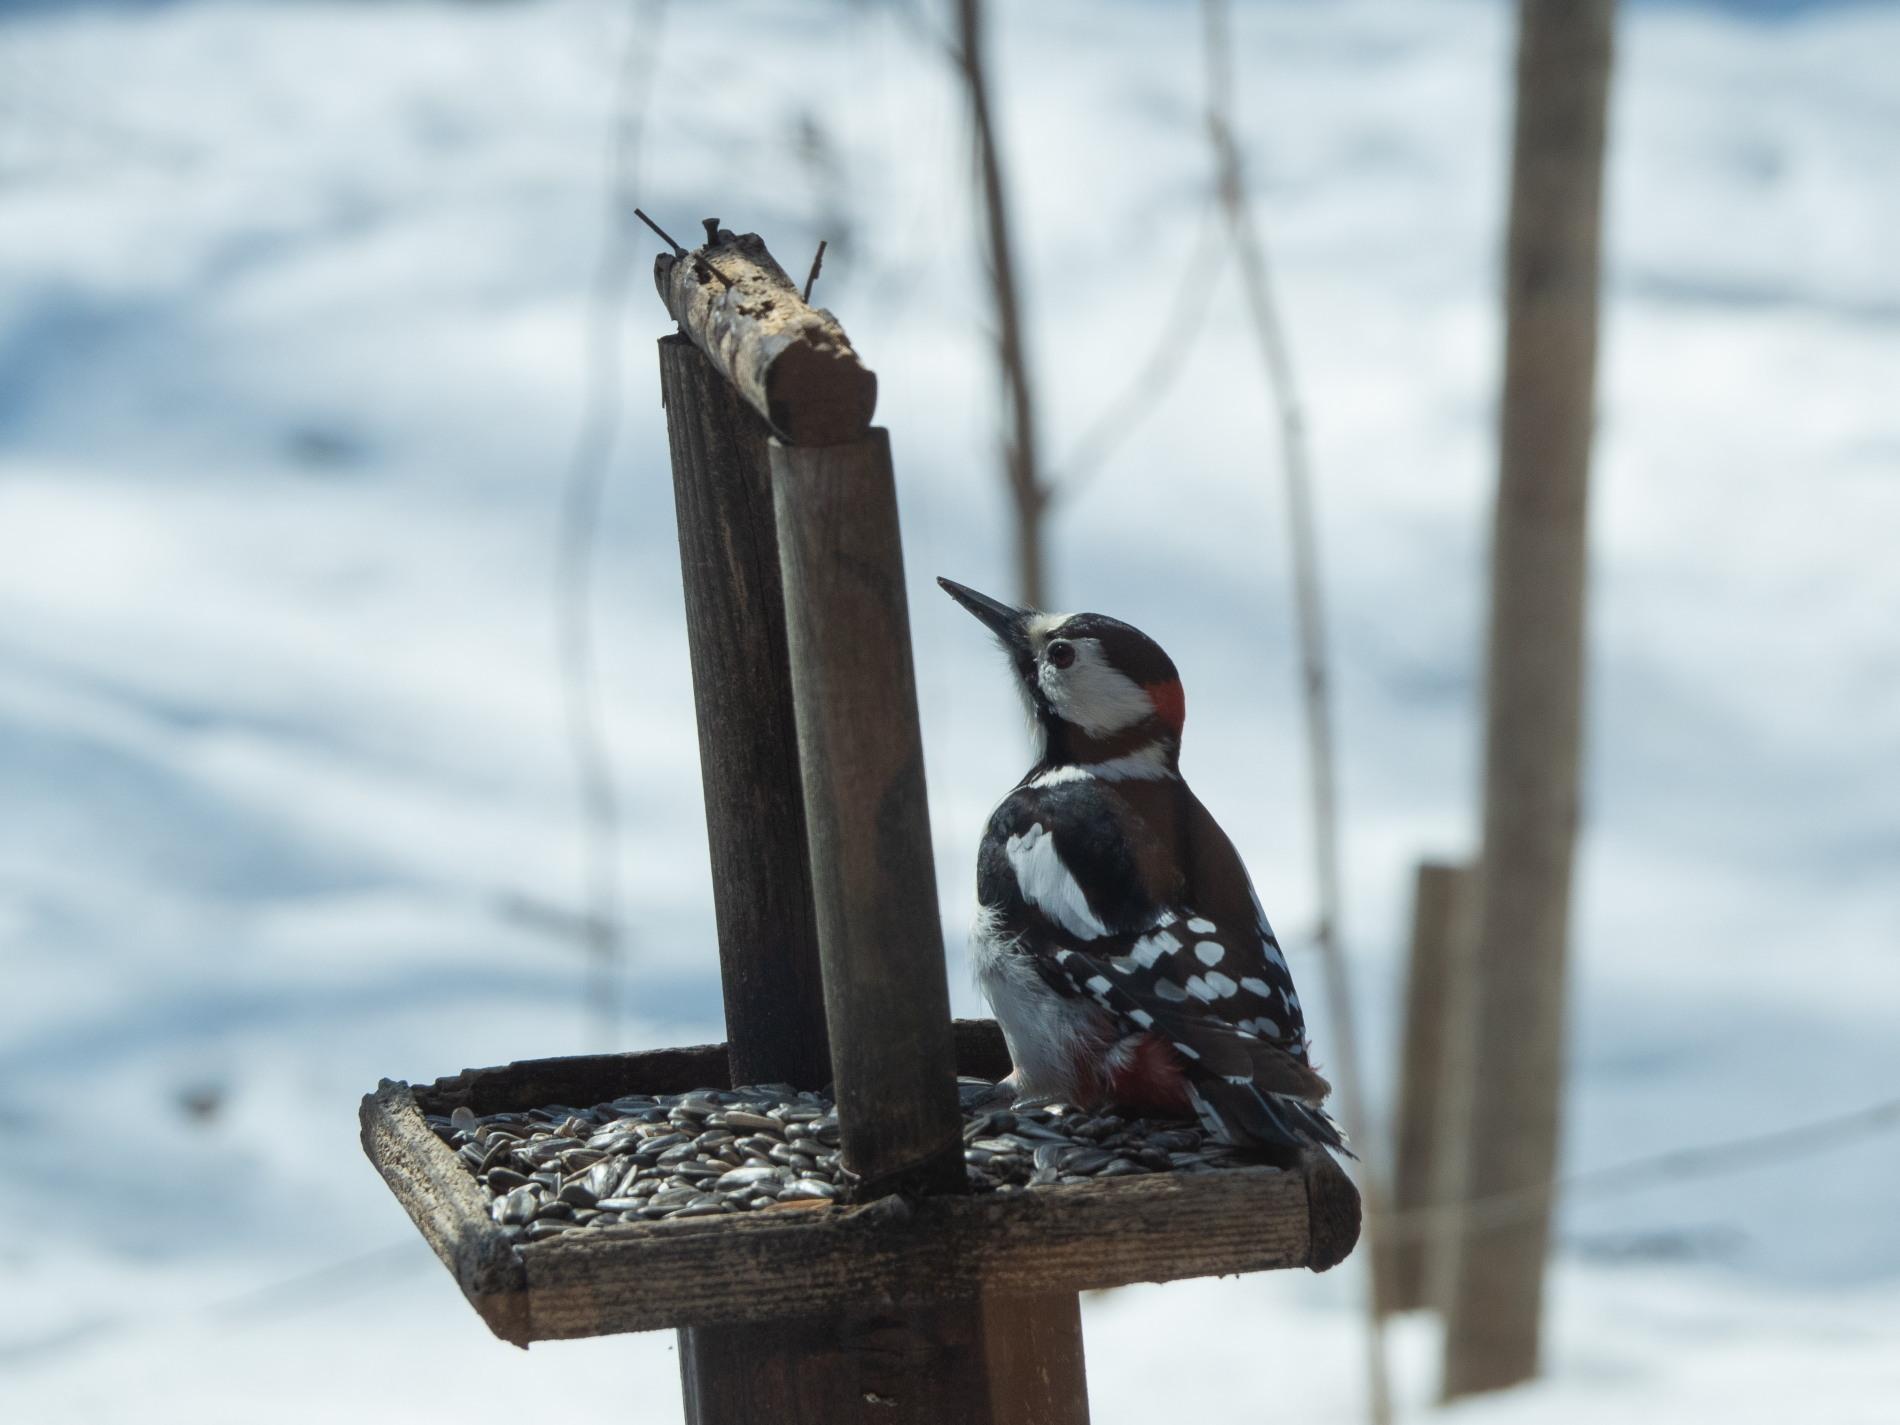 春の陽気が全開!ペンギンみたいな?アカゲラさんも日向ぼっこ!_f0276498_22031072.jpg